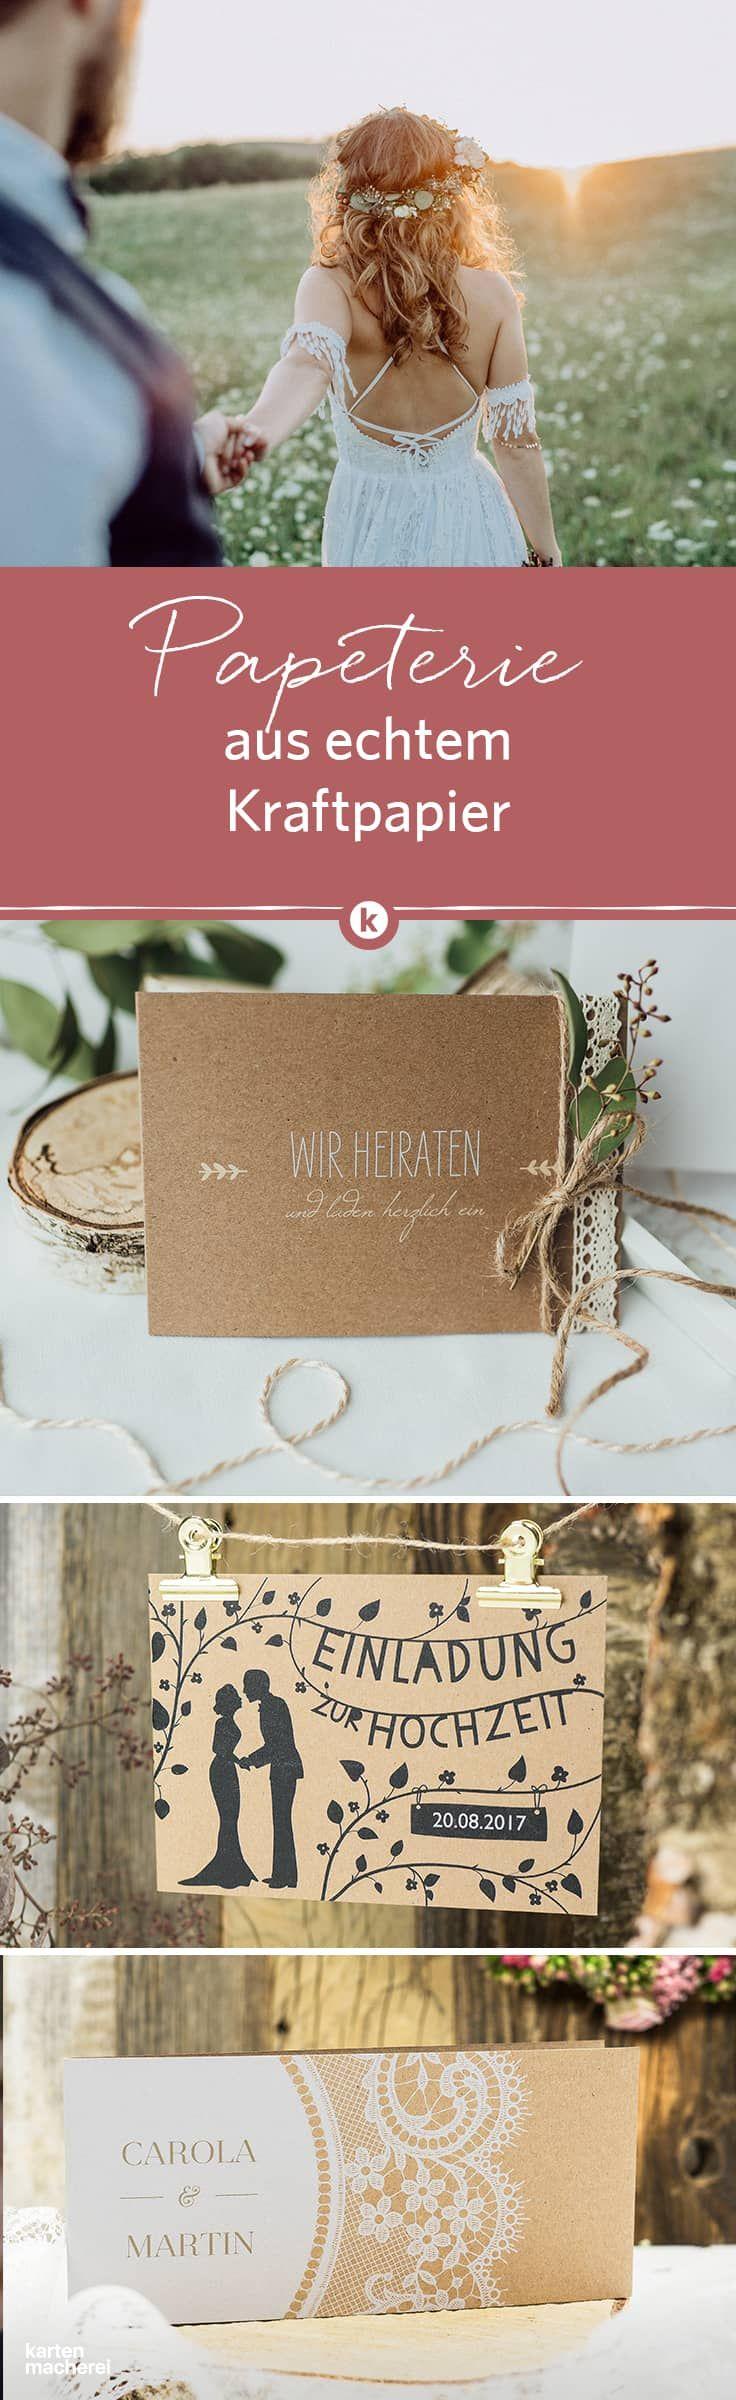 Typisch Natural Vintage Kraftpapier Als Hochzeitspapeterie Entdeckt Wunderschone Designs Auf Echtem Kra Einladungskarten Hochzeit Hochzeitseinladung Hochzeit